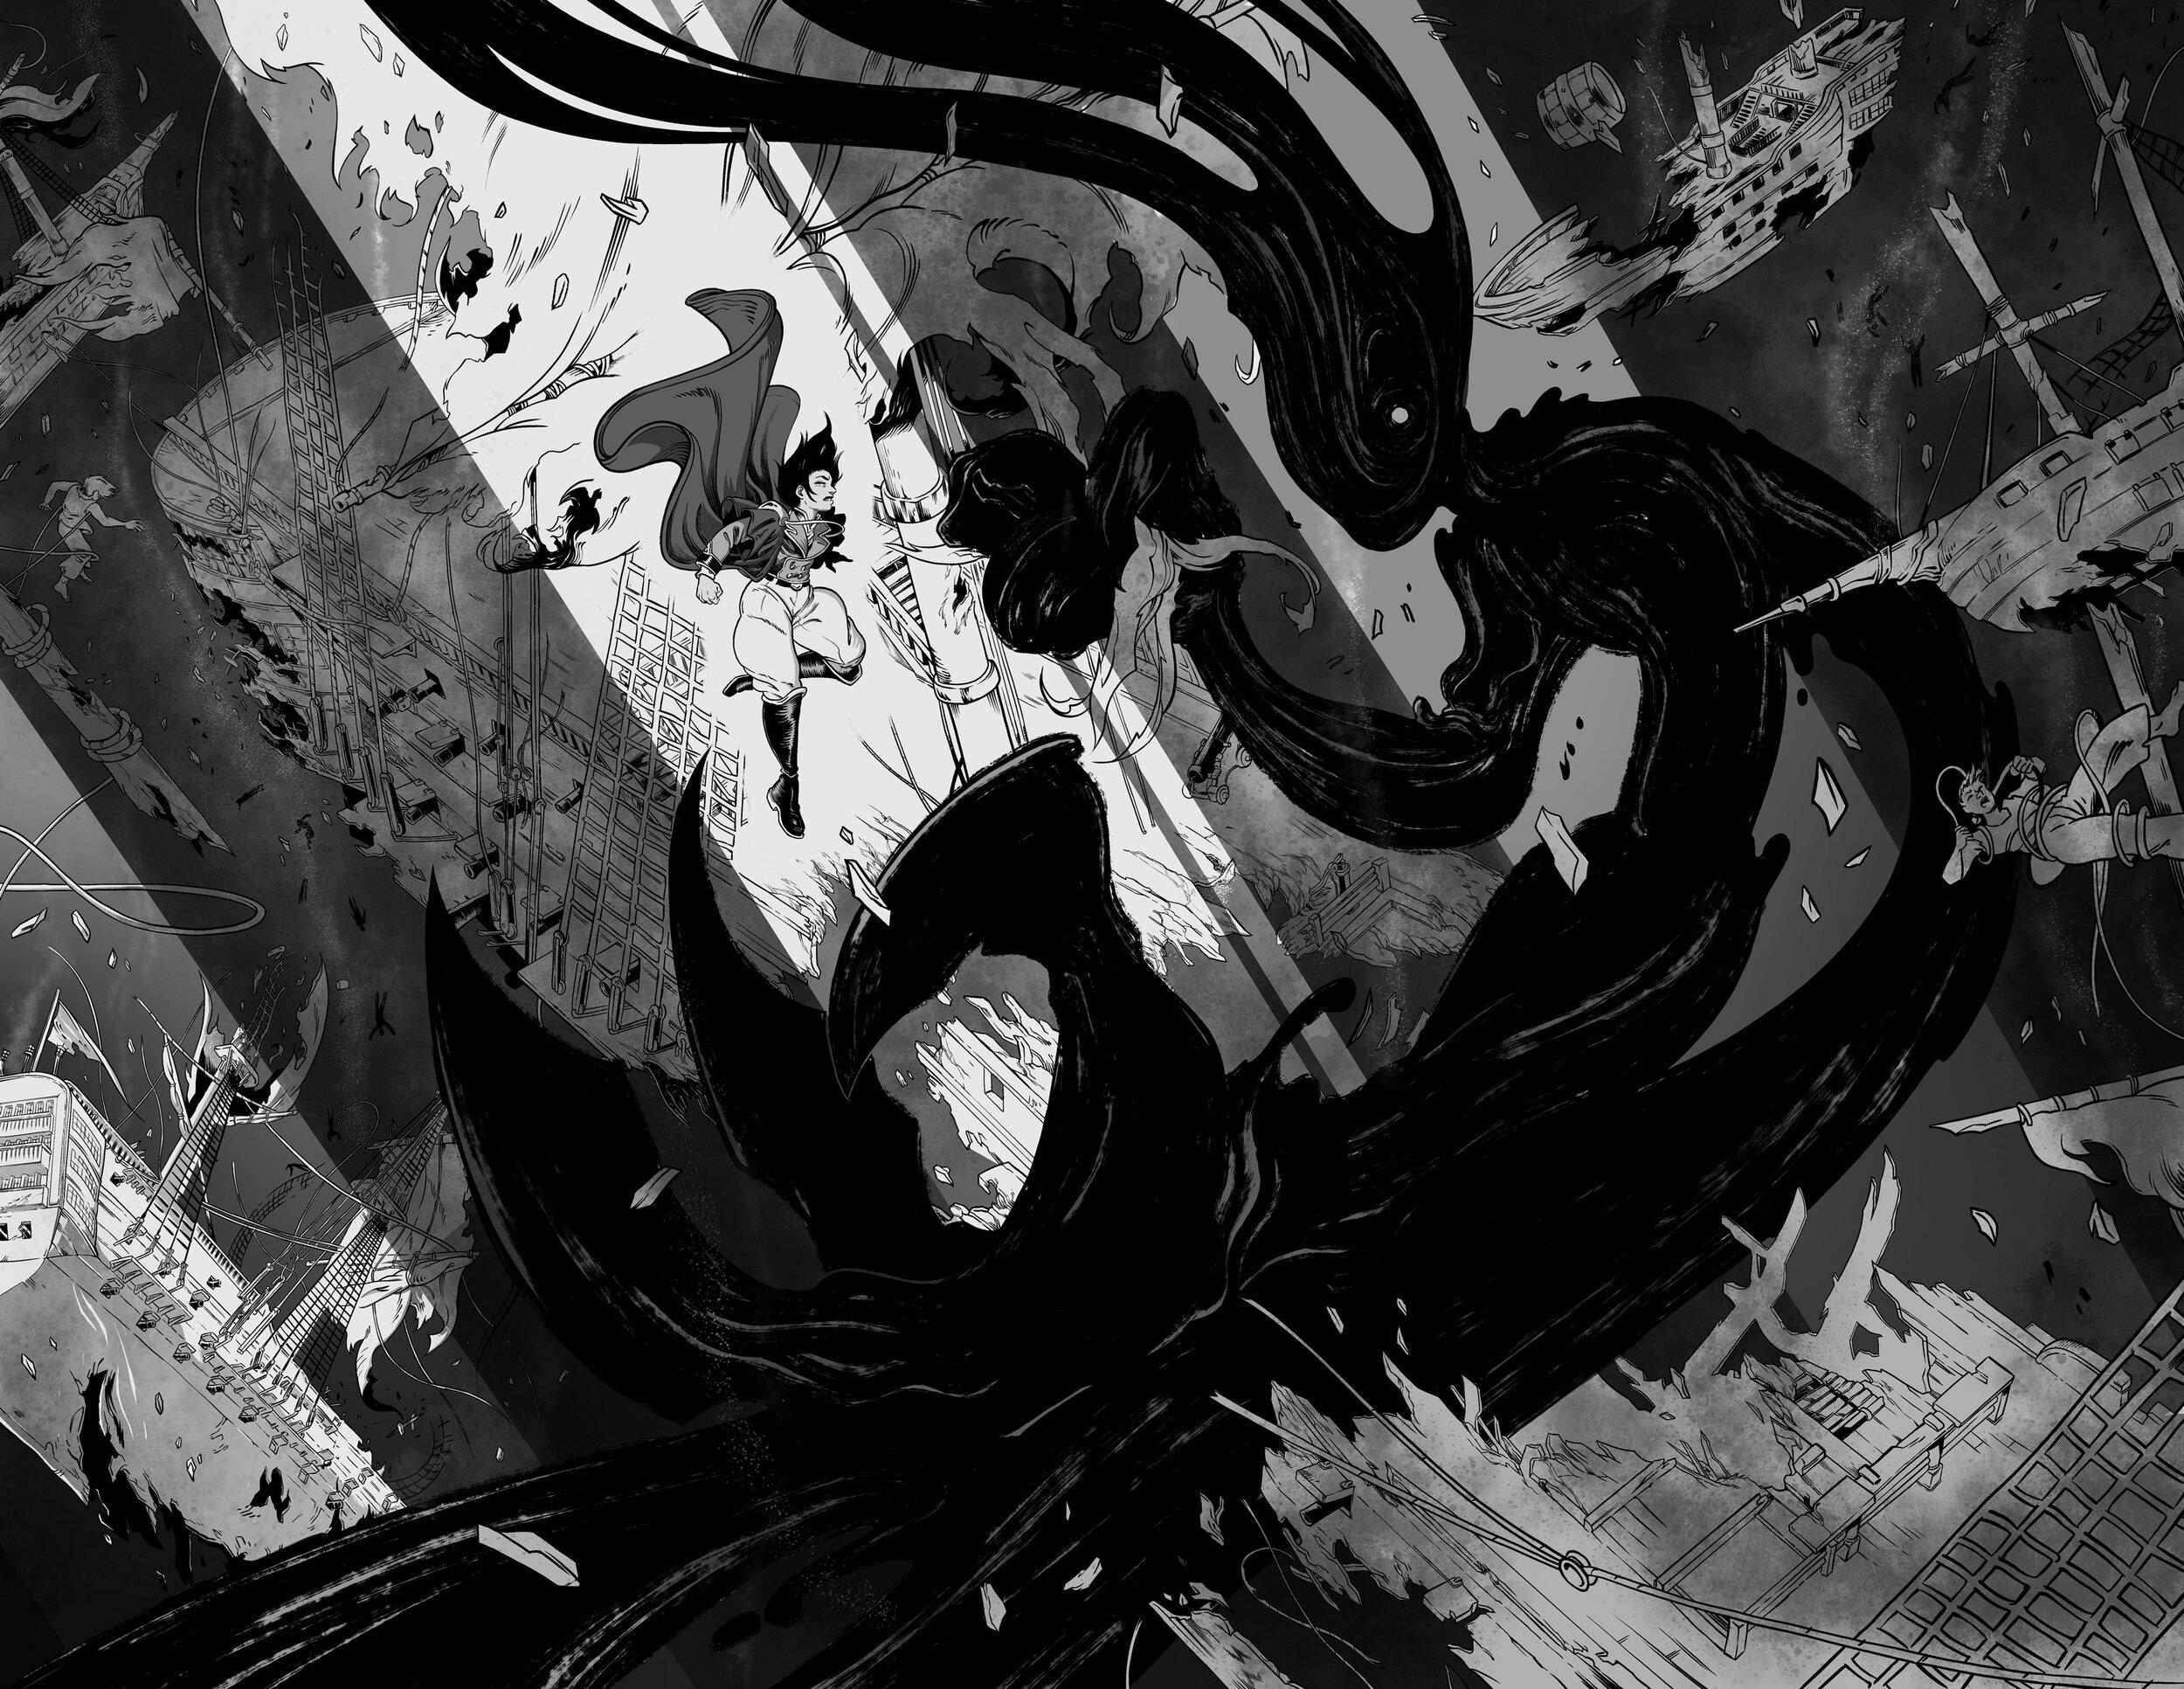 Serpente_02_03.jpg